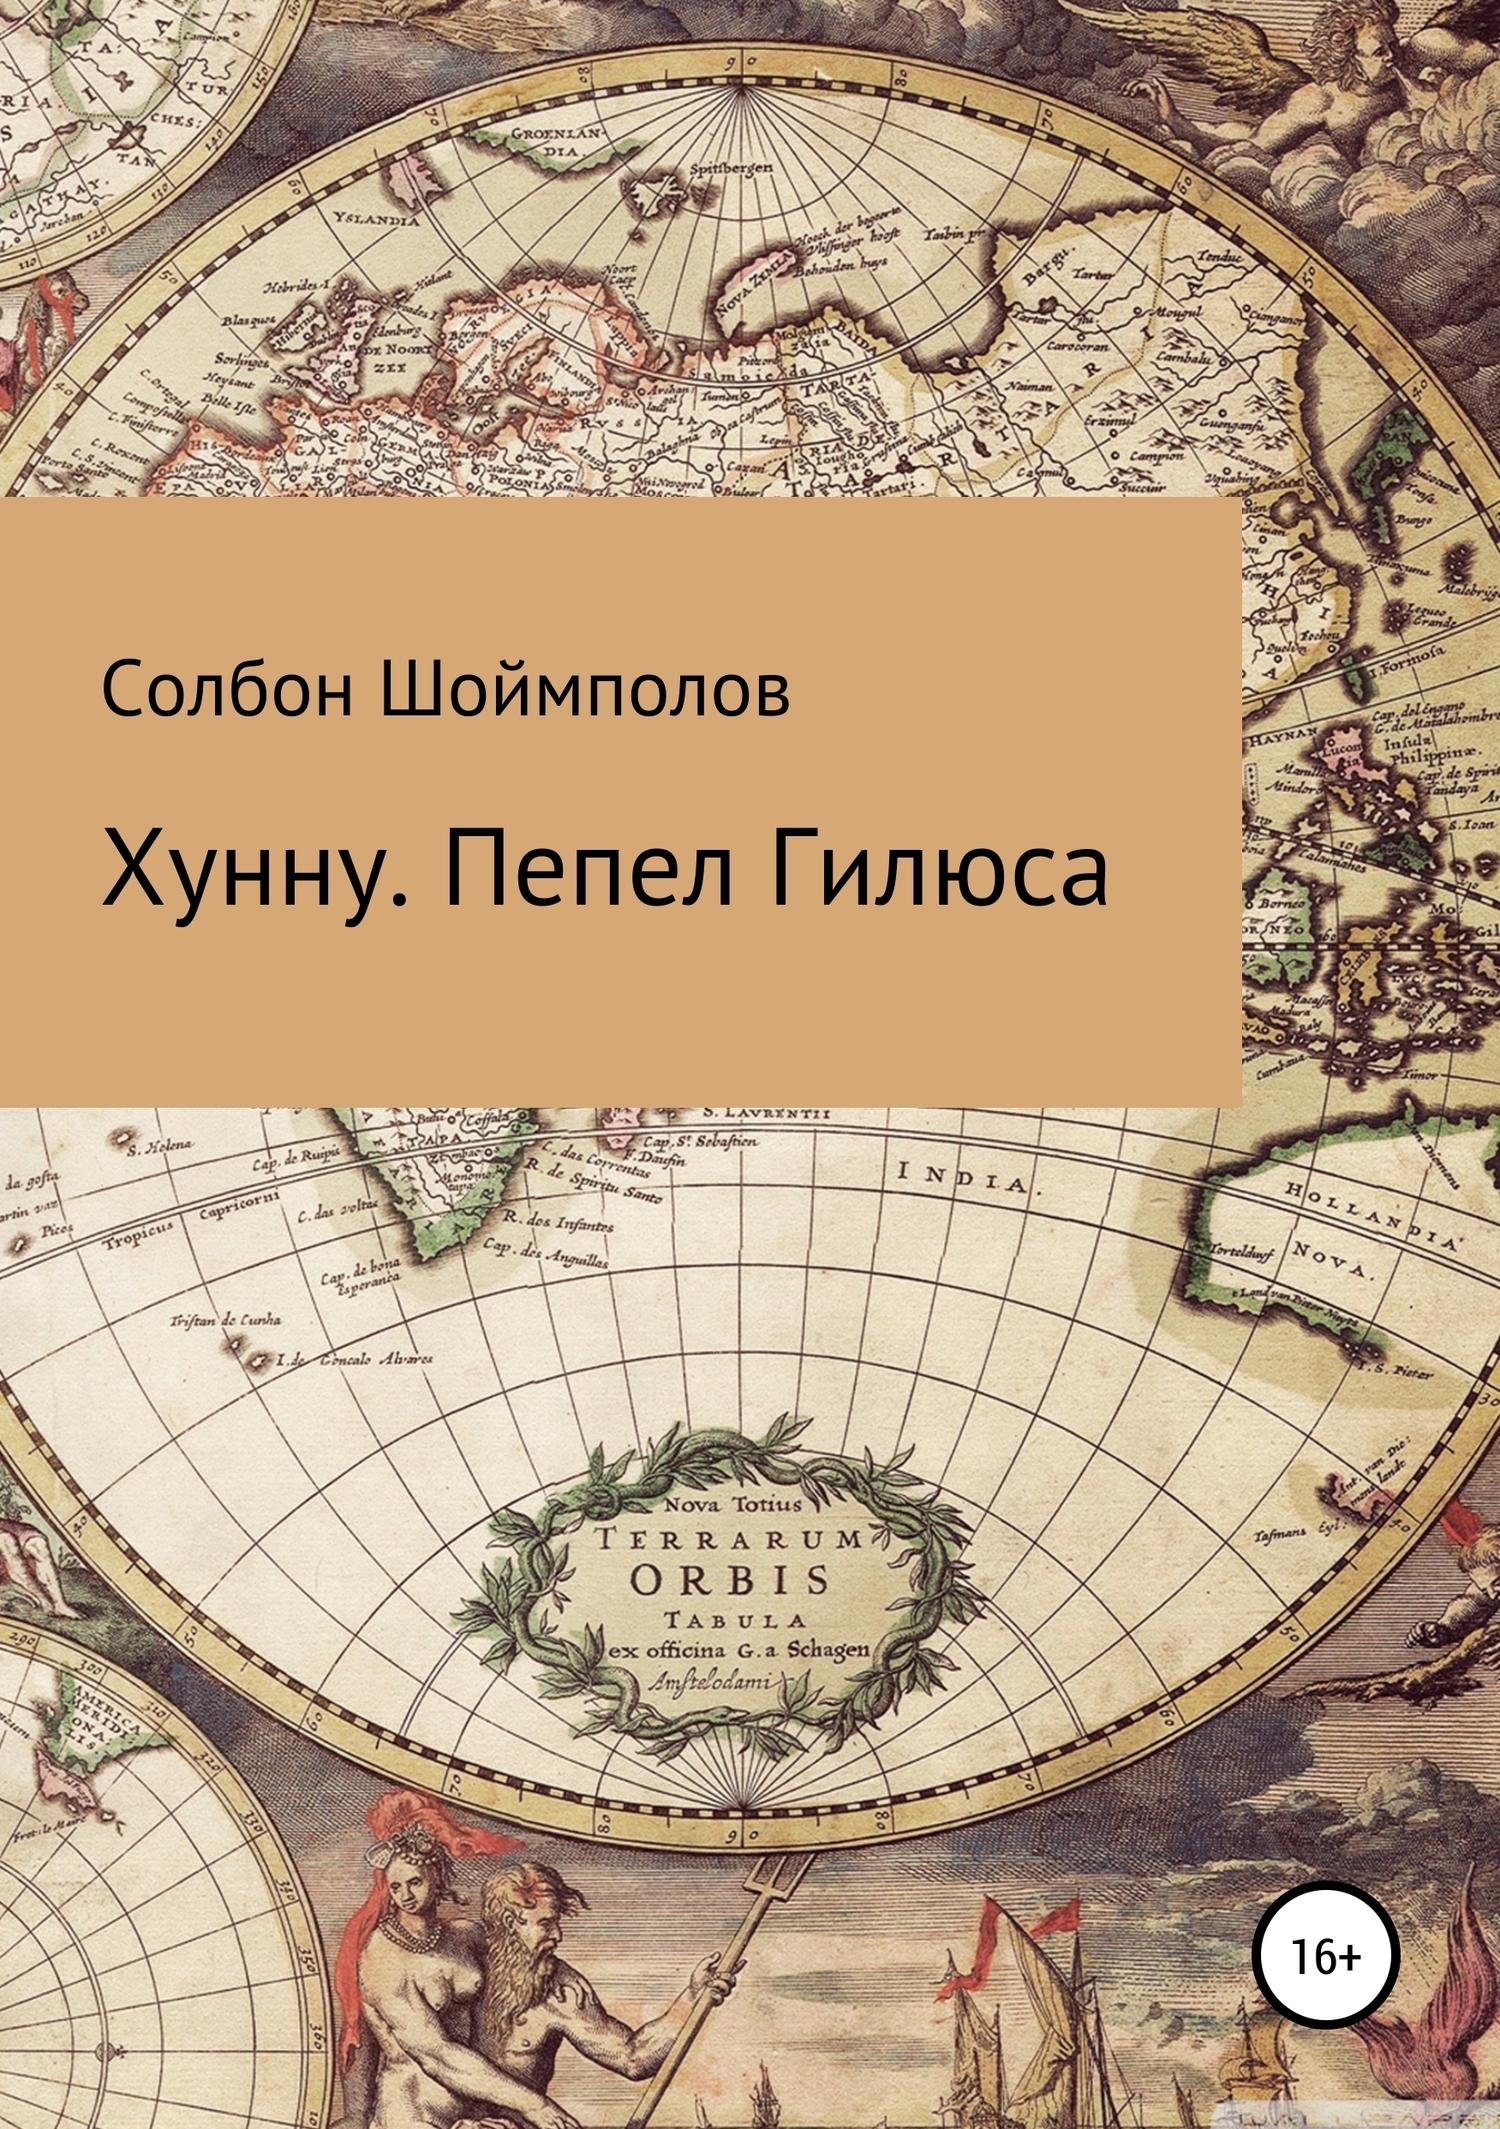 Солбон Шоймполов - Хунну. Пепел Гилюса